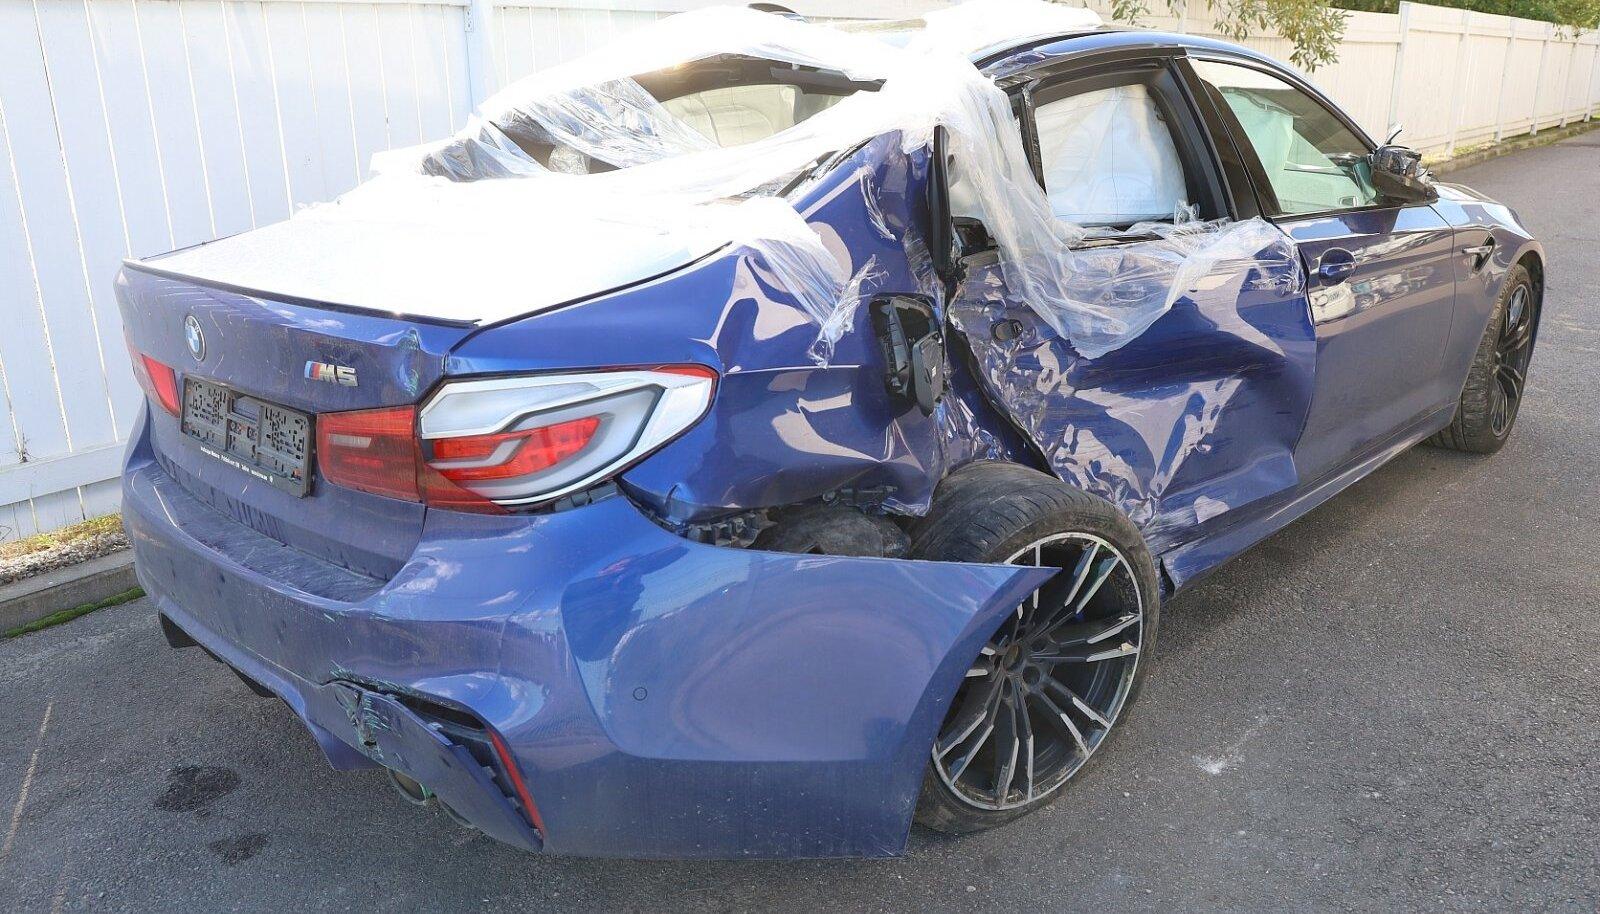 PZU Kindlustuse eelmise aasta suurim kaskokahju ulatus 89 000 euroni, mille ettevõte maksis välja õnnetuses, kus juht kaotas sõiduki üle kontrolli ning sõitis teelt välja vastu puud